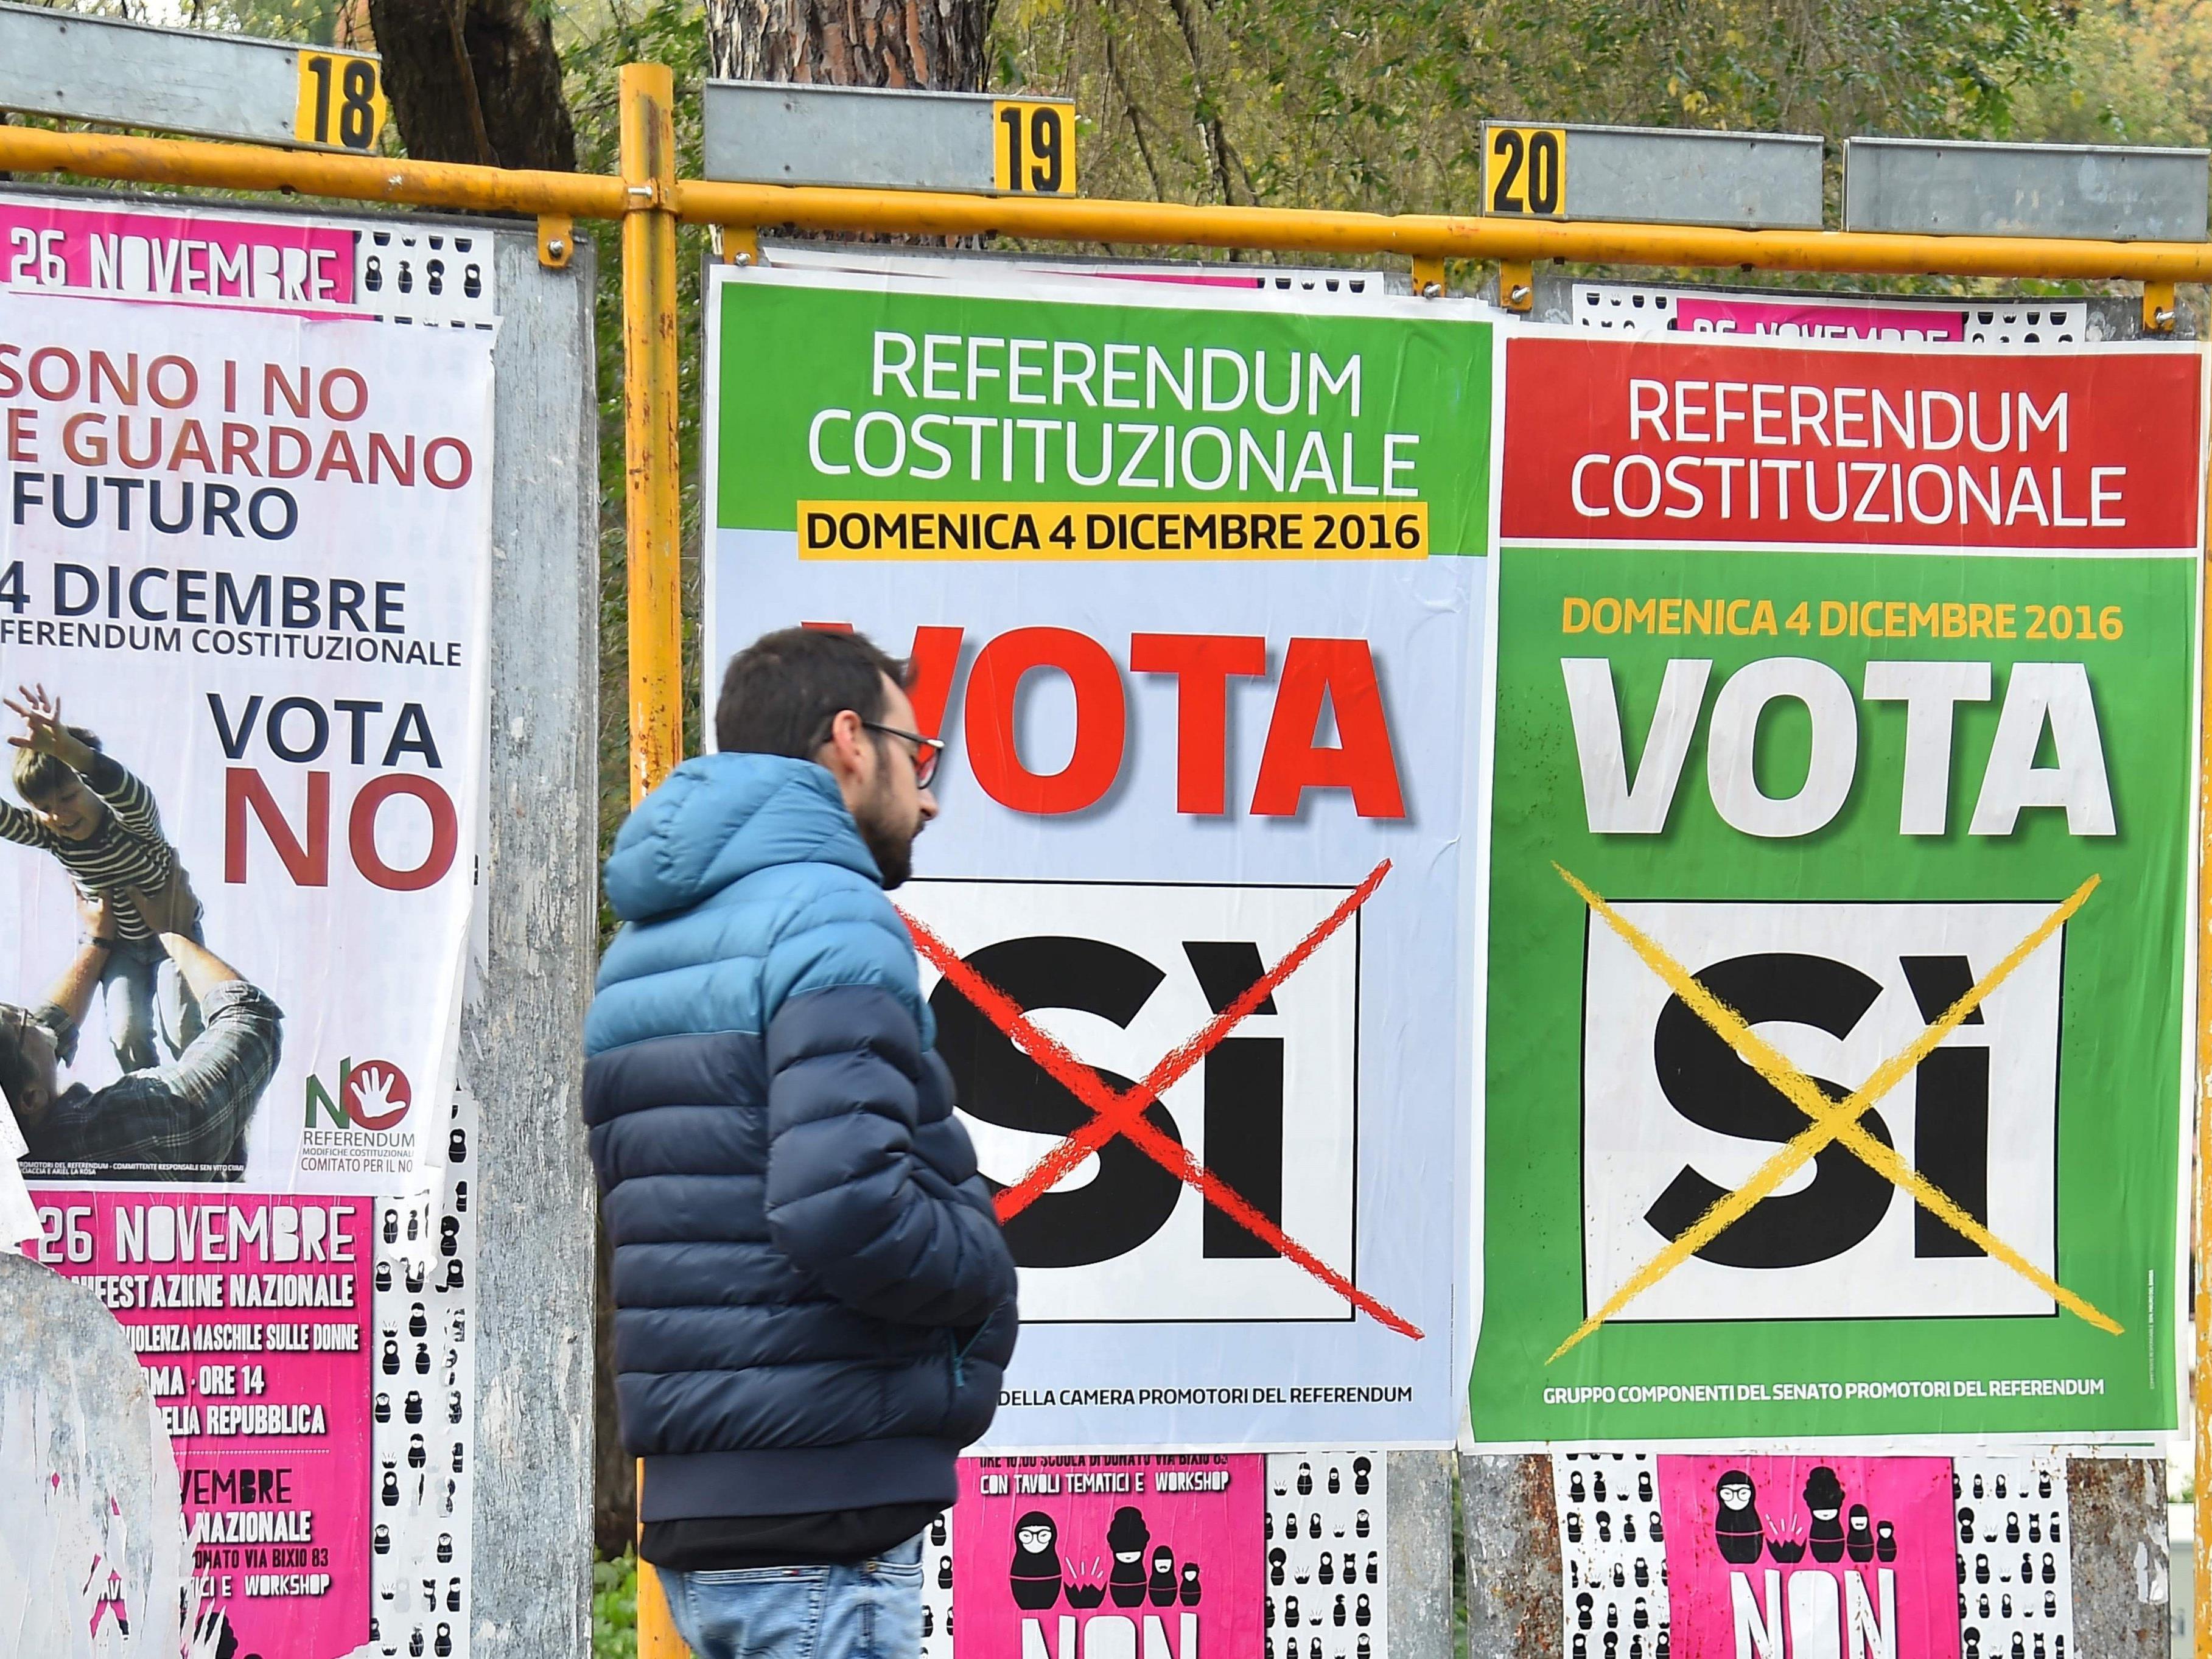 Am Sonntag wird nicht nur in Österreich gewählt, sondern auch in Italien.